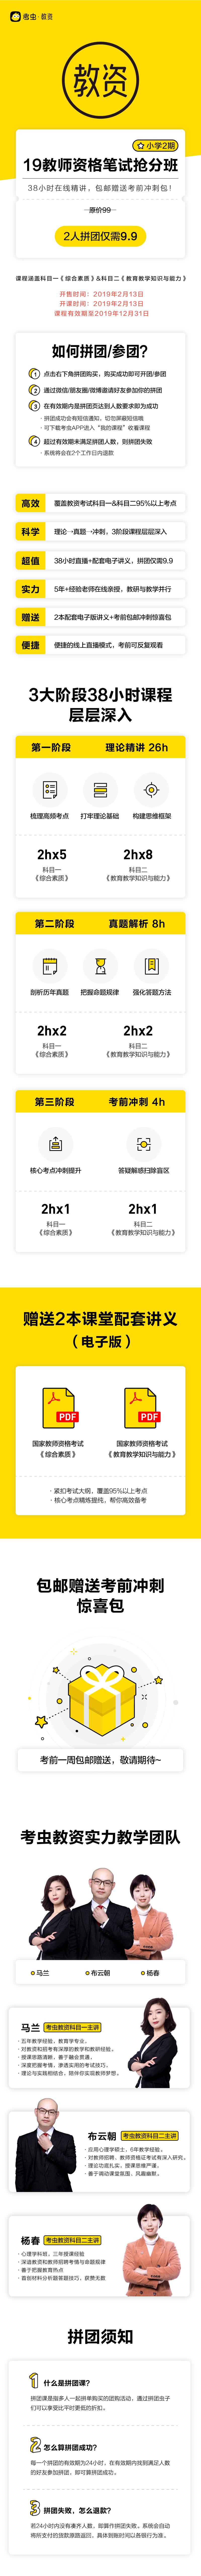 小学拼团课_详情图.png